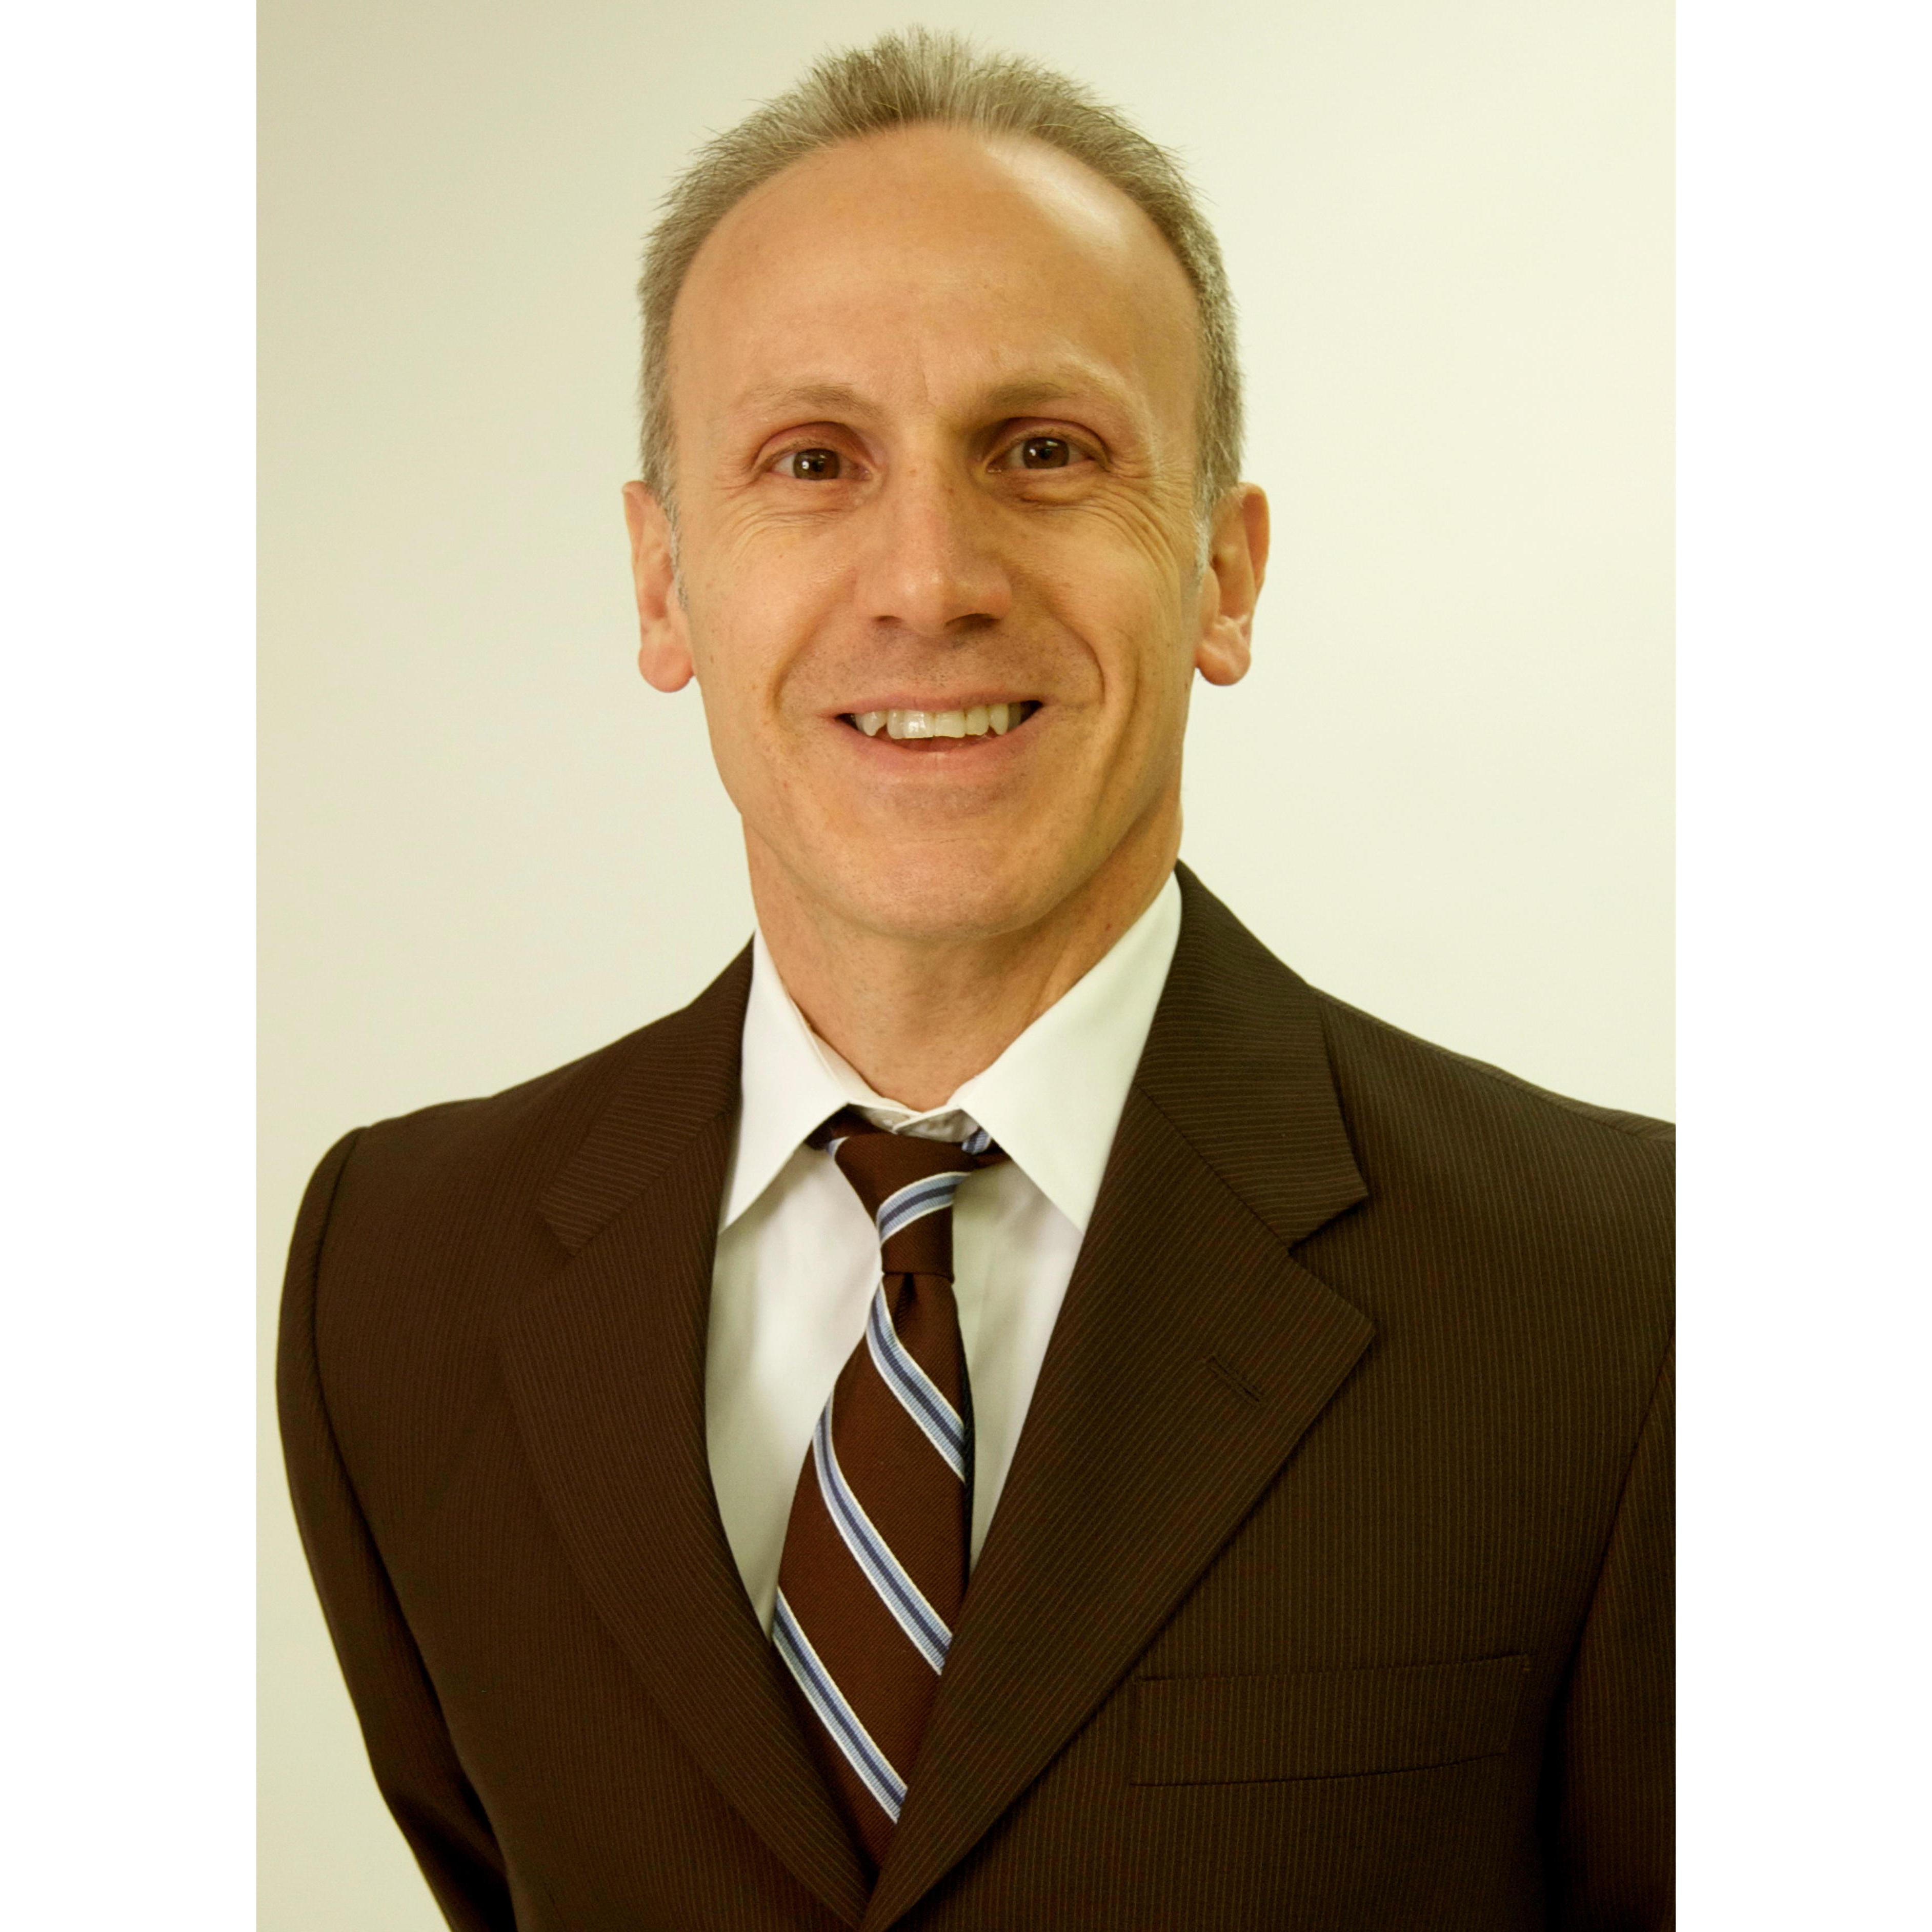 Ralph Della Ratta, MD